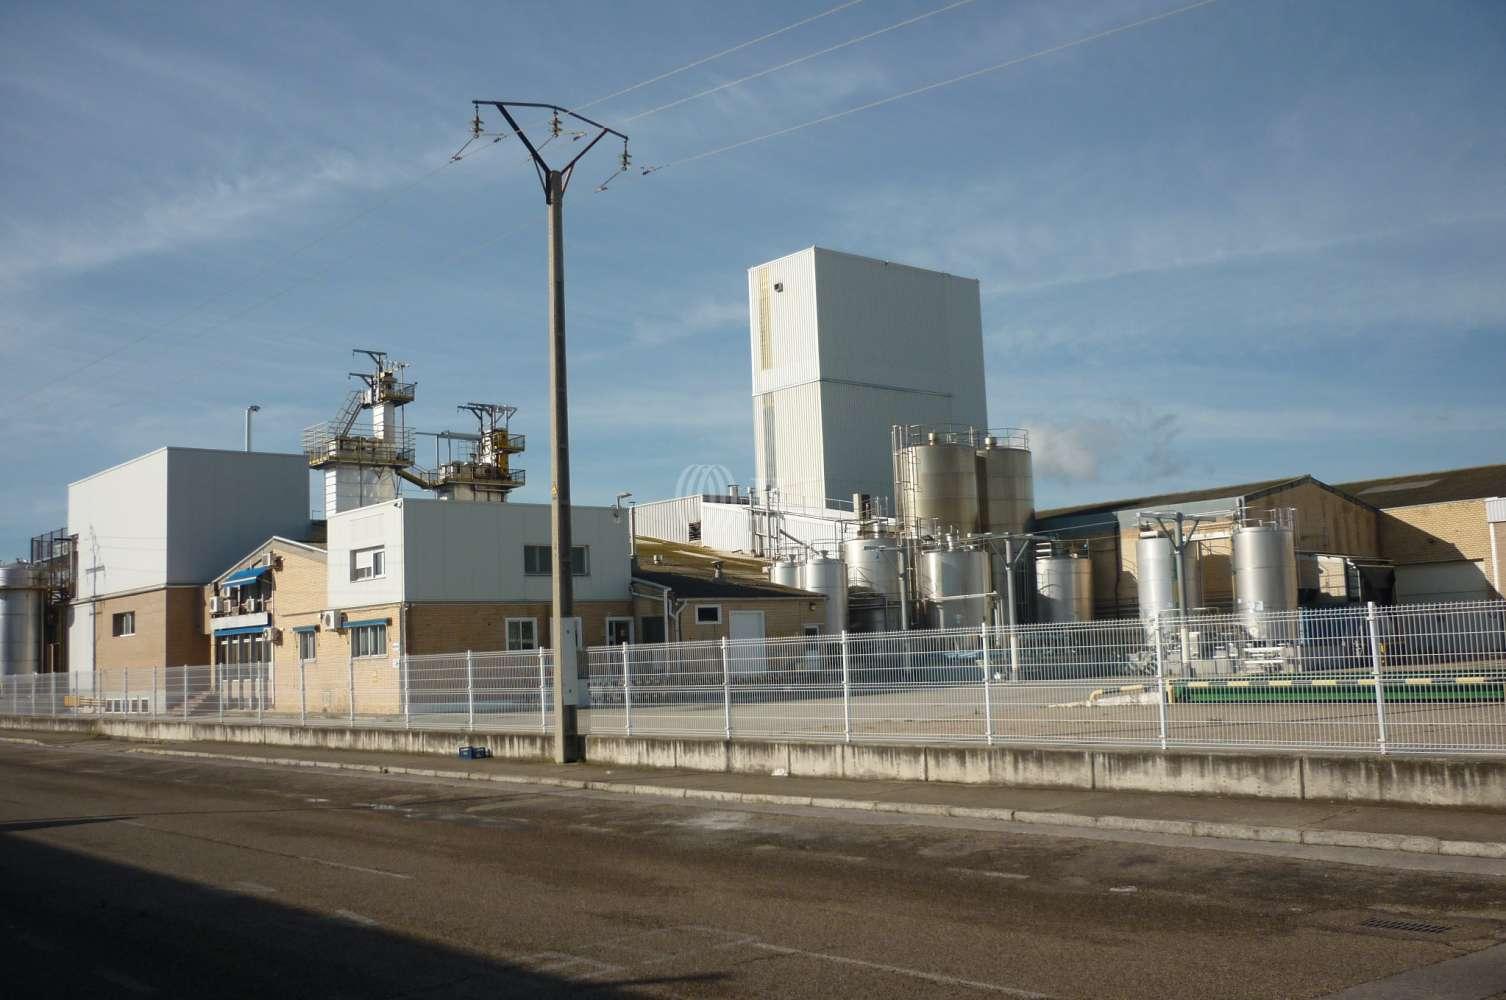 Naves industriales y logísticas Palencia, 34004 - Nave Industrial - B0284 Palencia - 1294